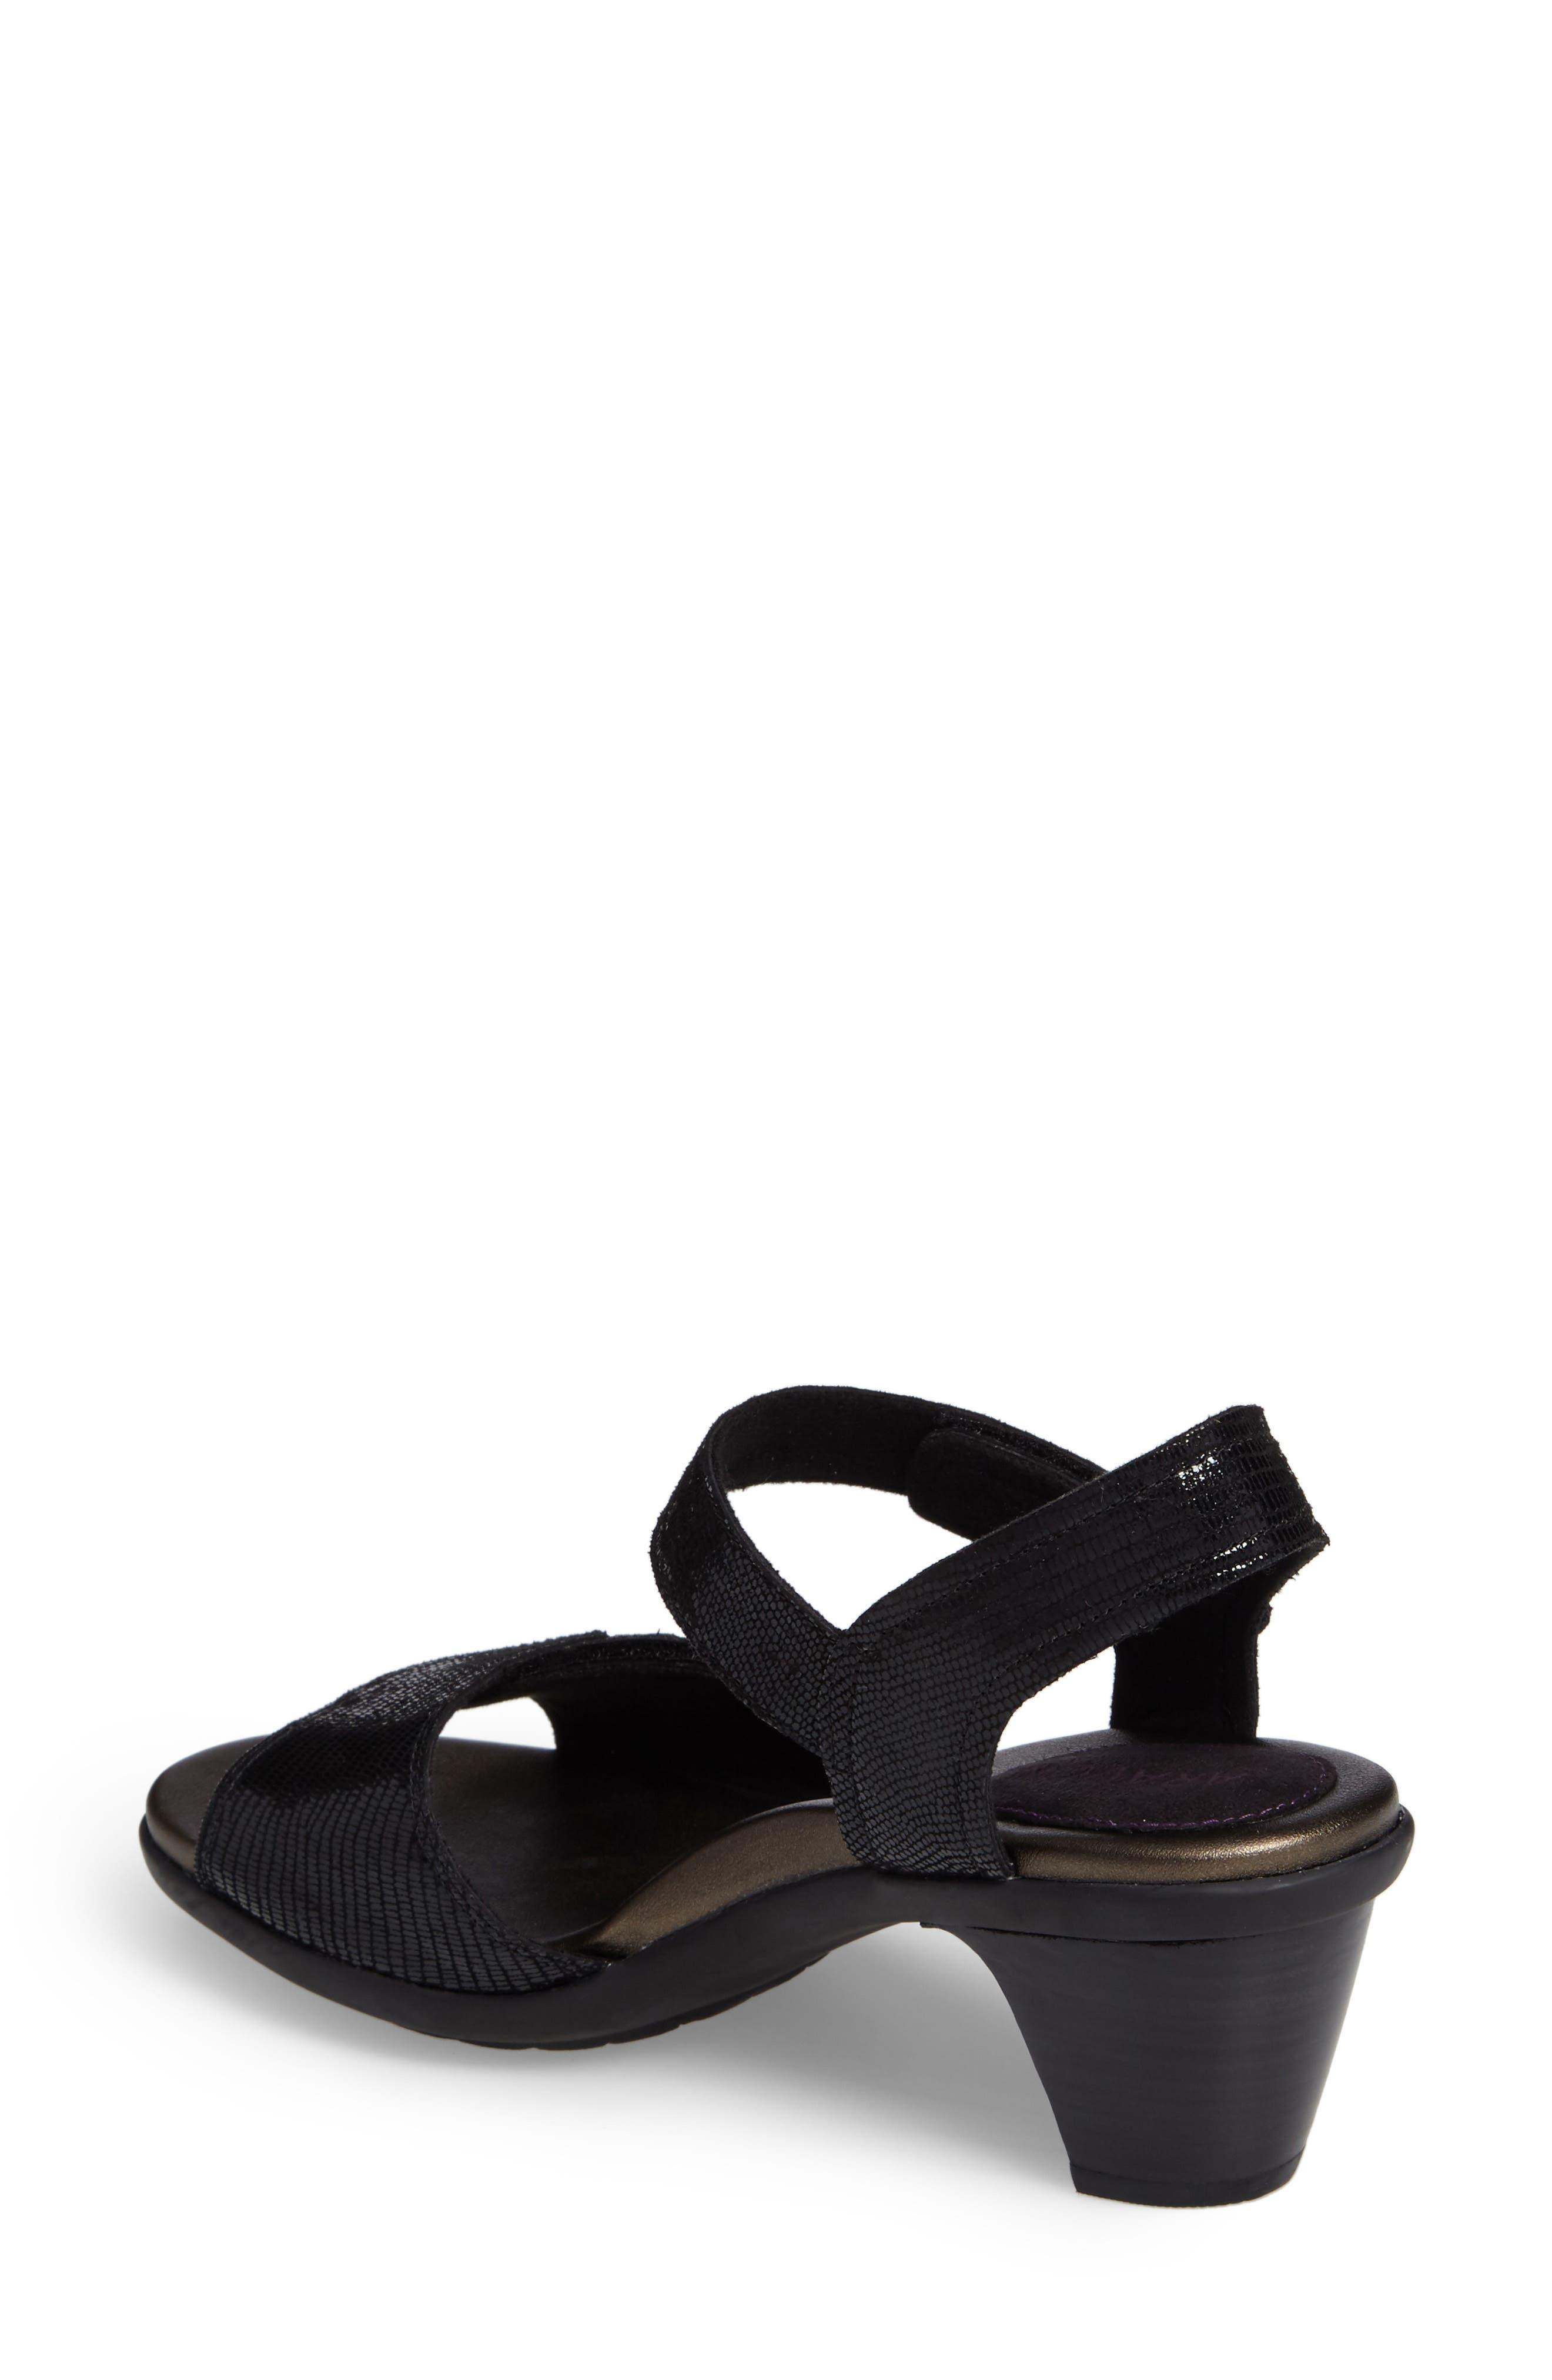 Medici Sandal,                             Alternate thumbnail 2, color,                             BLACK FABRIC